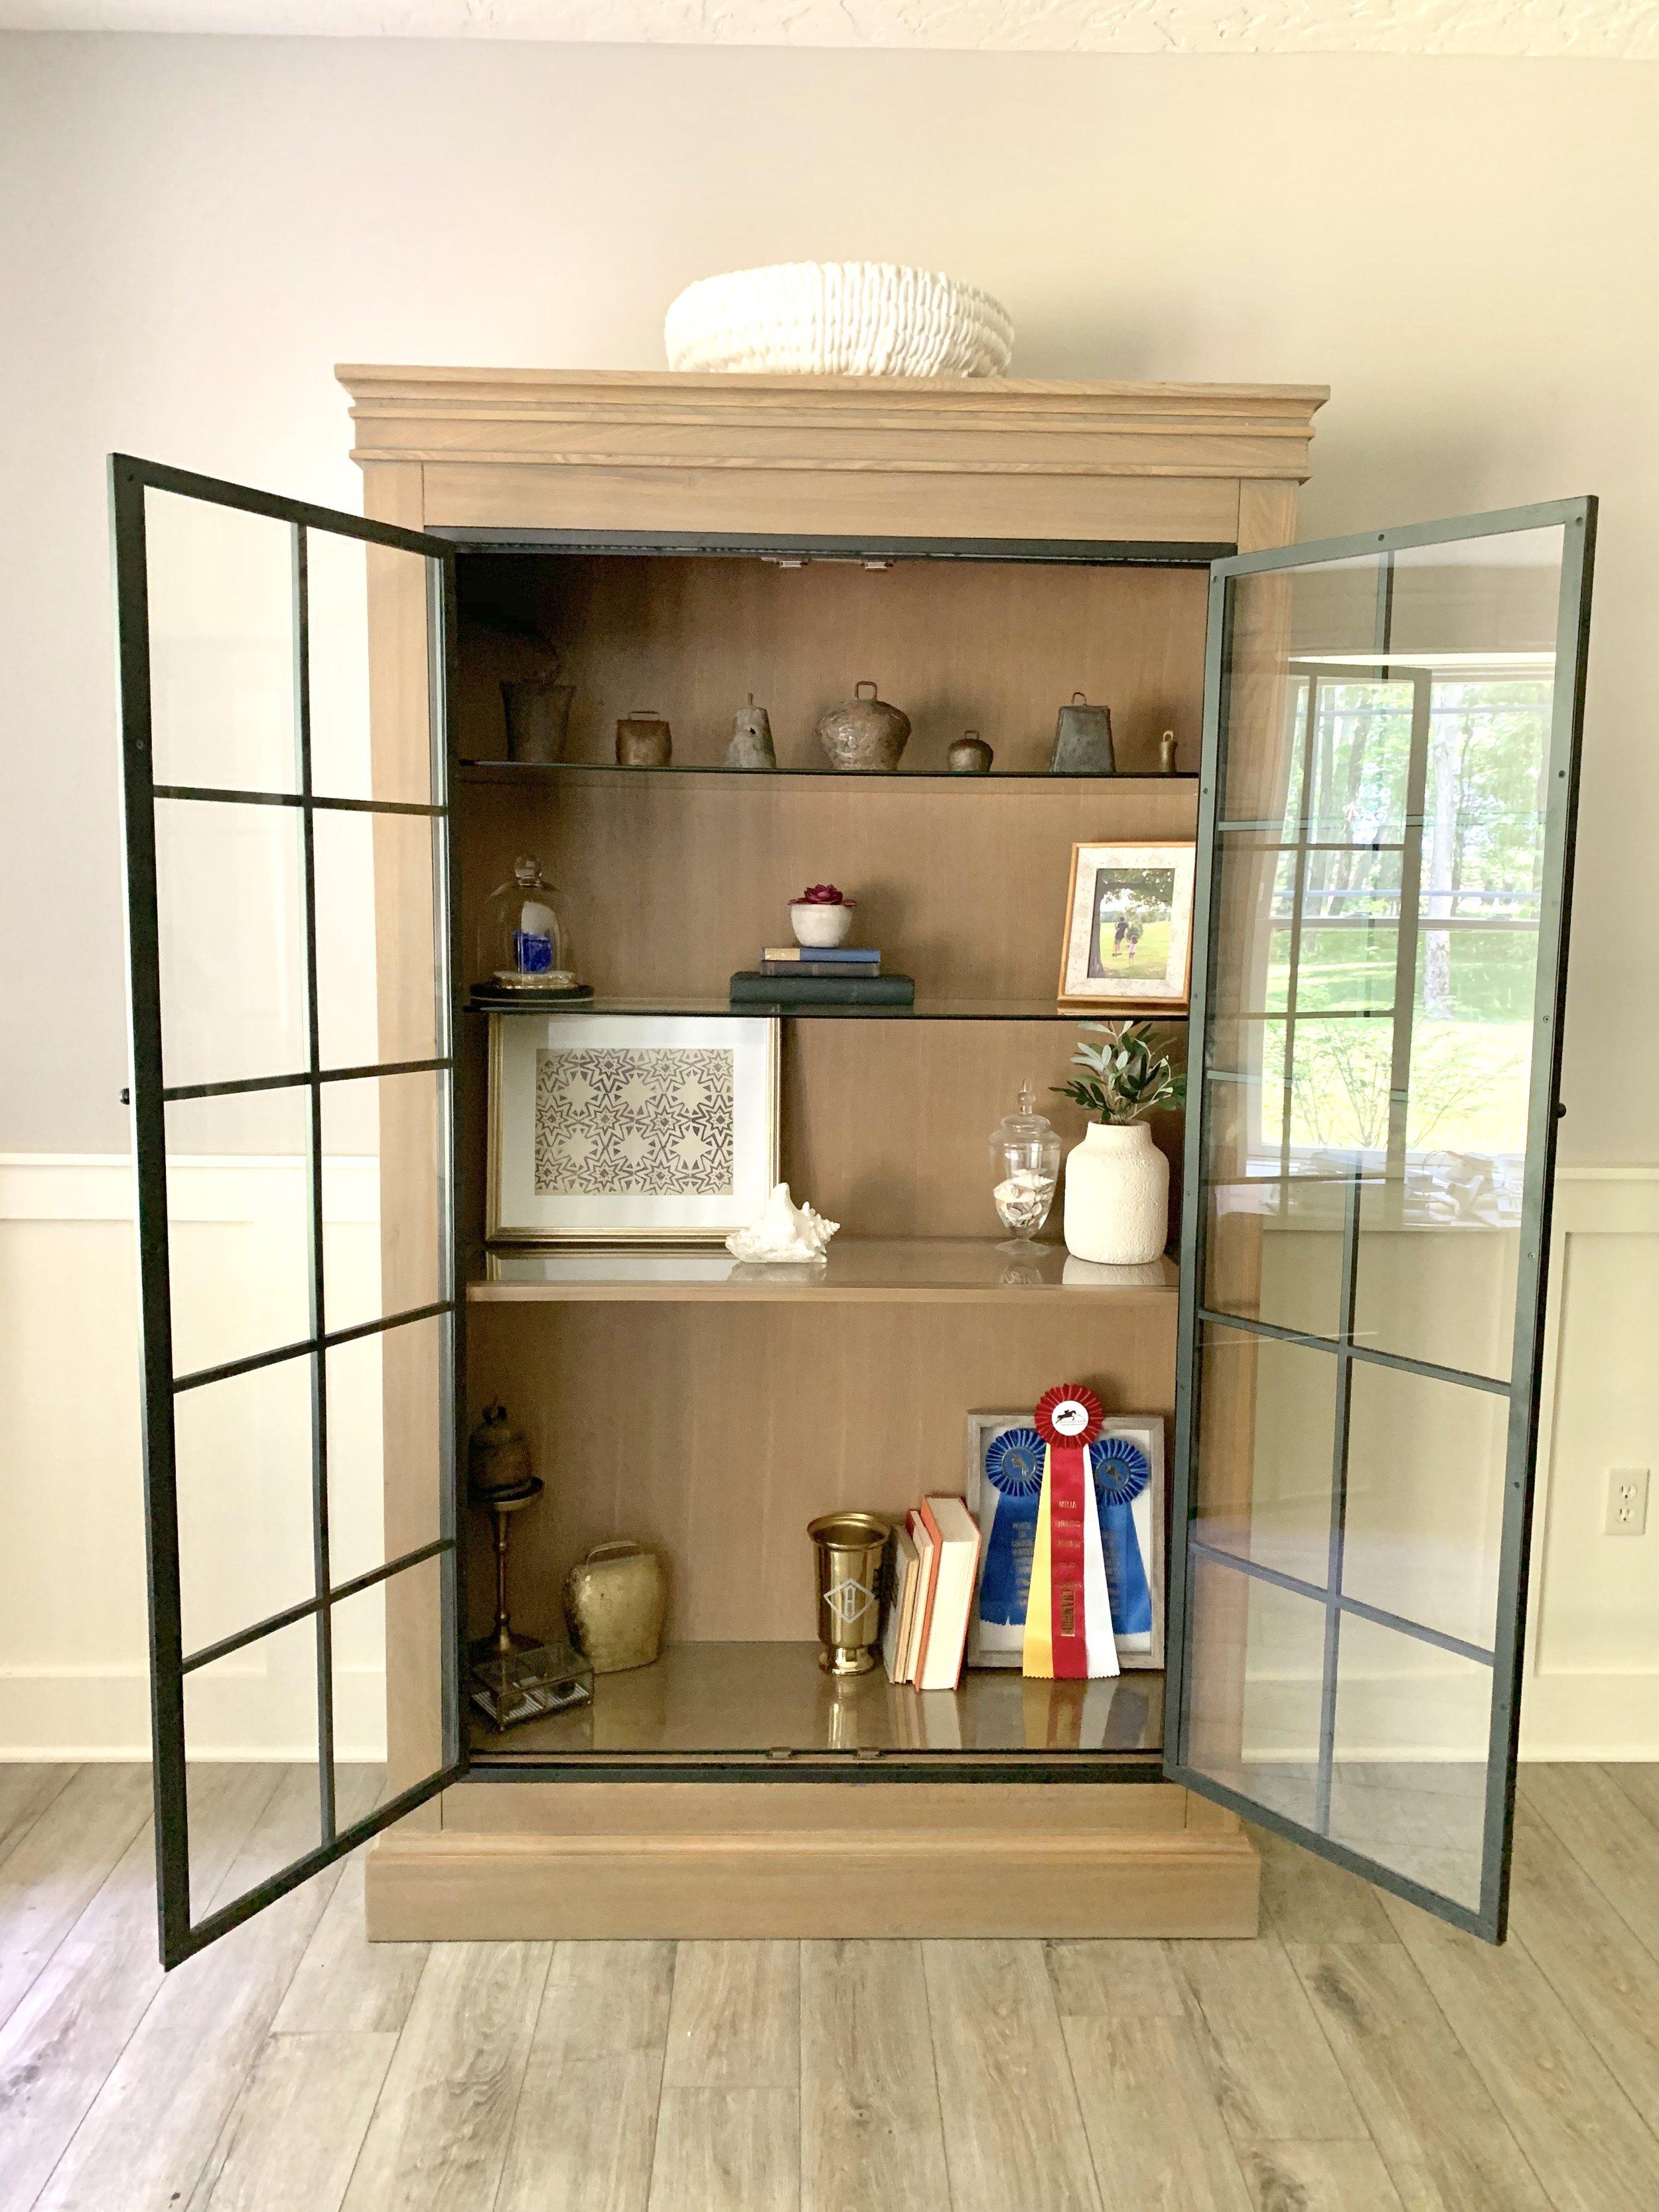 Ballard Designs Delano Iron Door Cabinet with modern farmhouse décor. Farmhouse Redefined